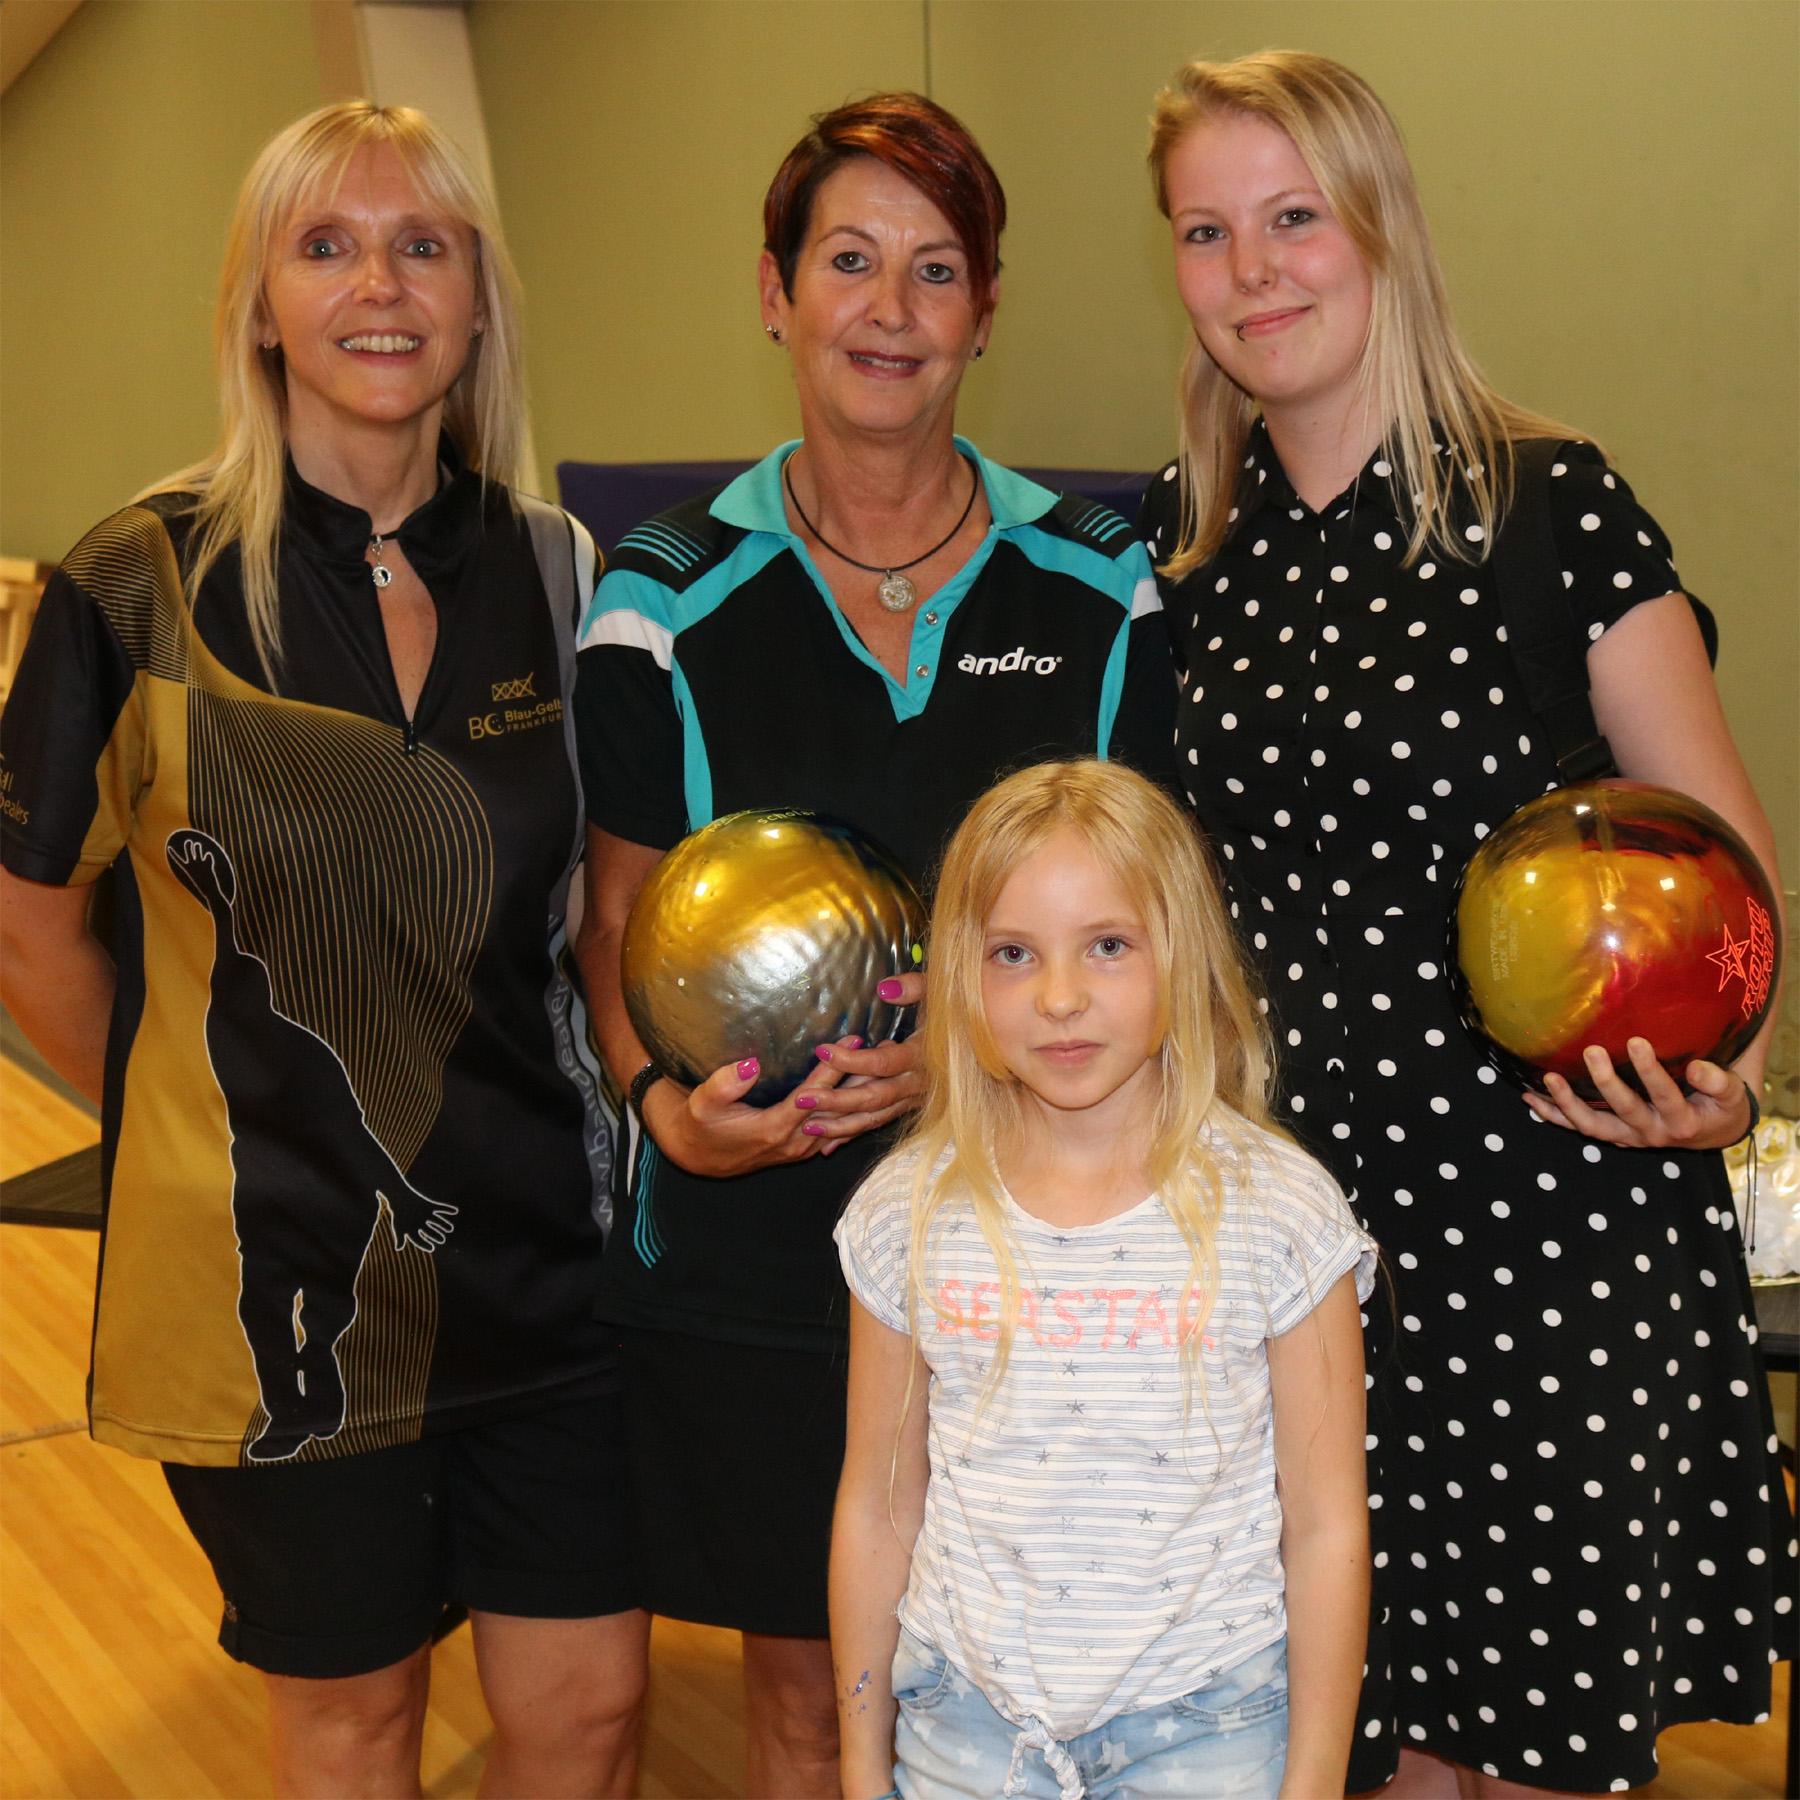 Gewinner der 3 Bowlingbälle Susan Steul, Anna Heuckeroth und Radj Kumar Arenja (nicht anwesend)